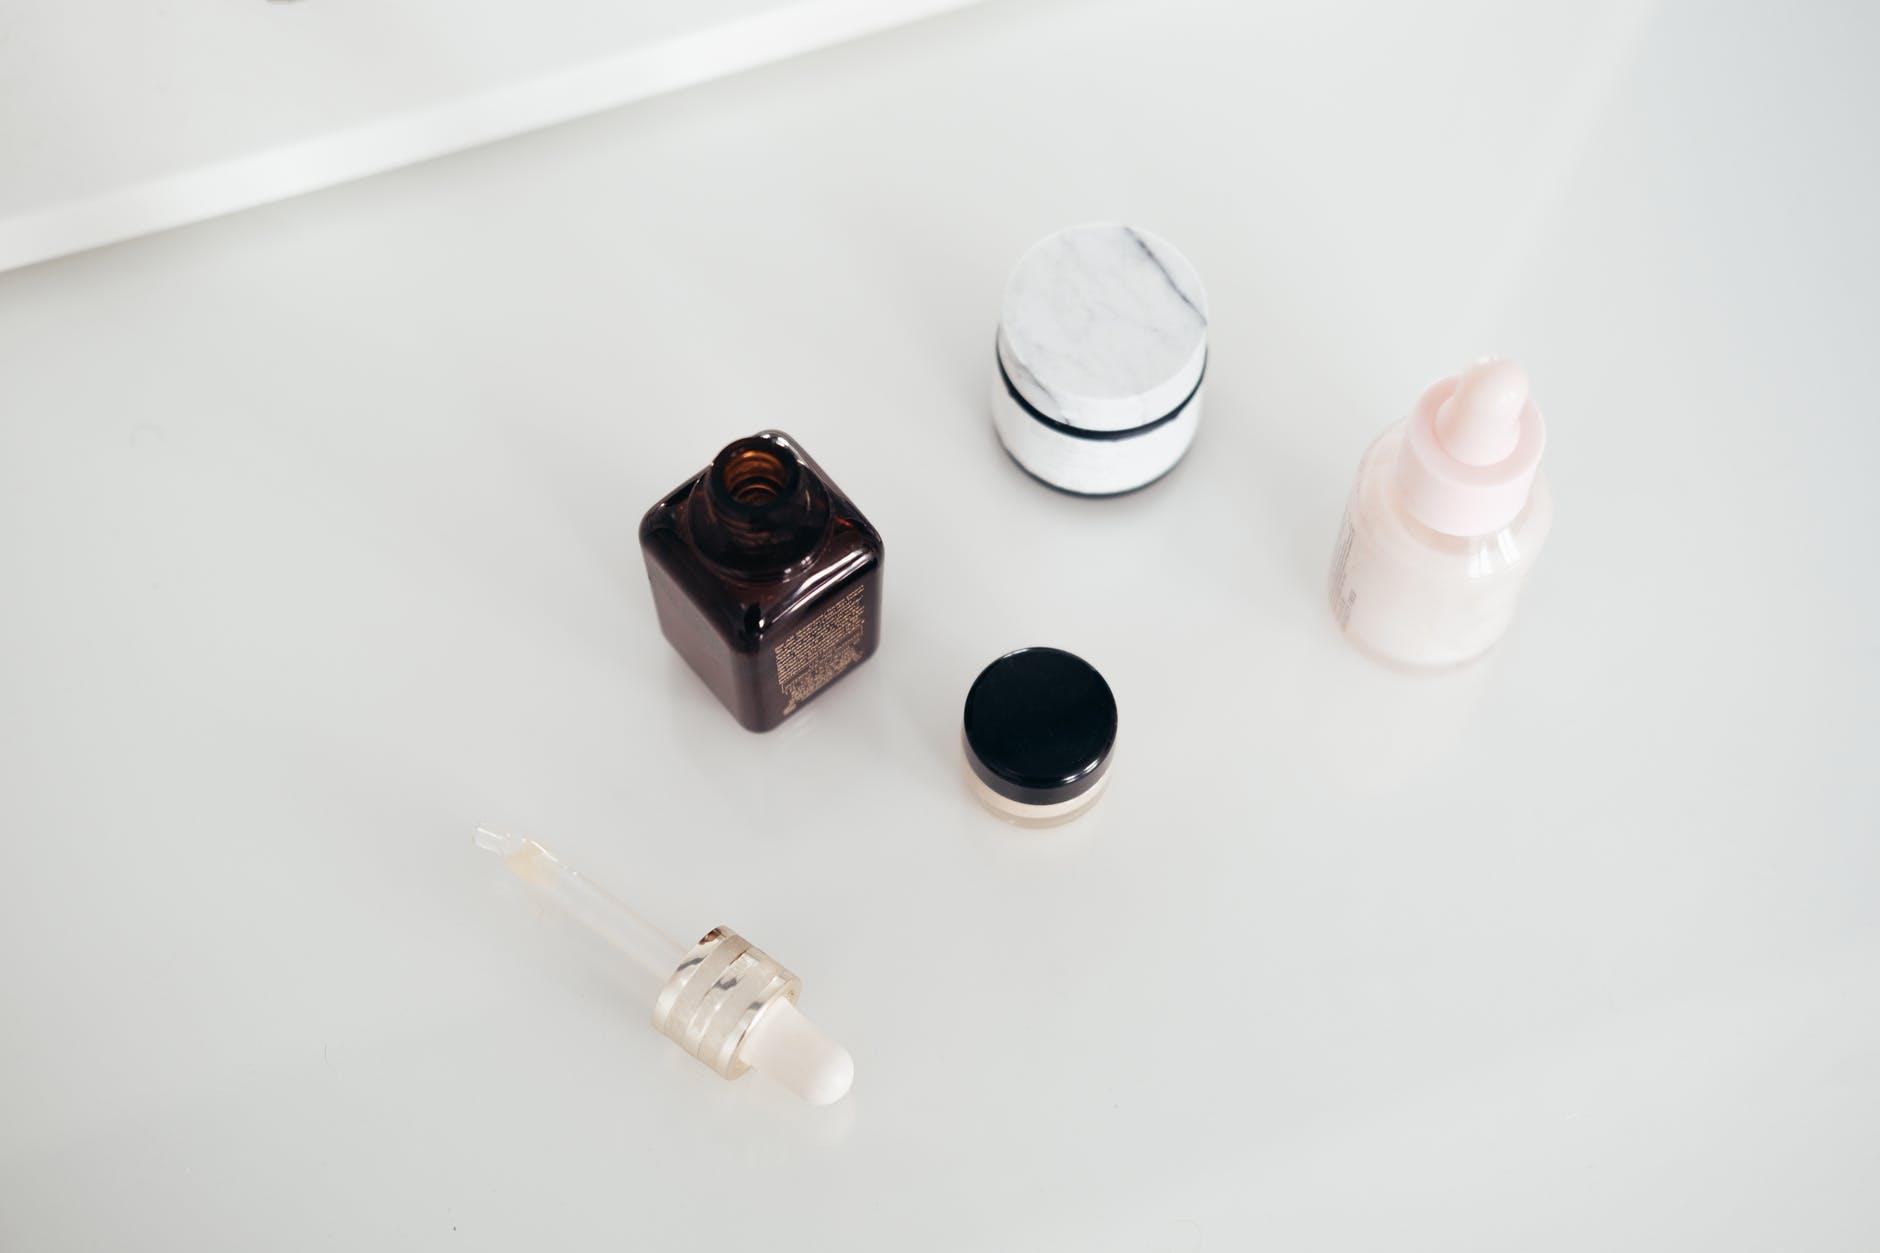 Perusahaan manufaktur kosmetik